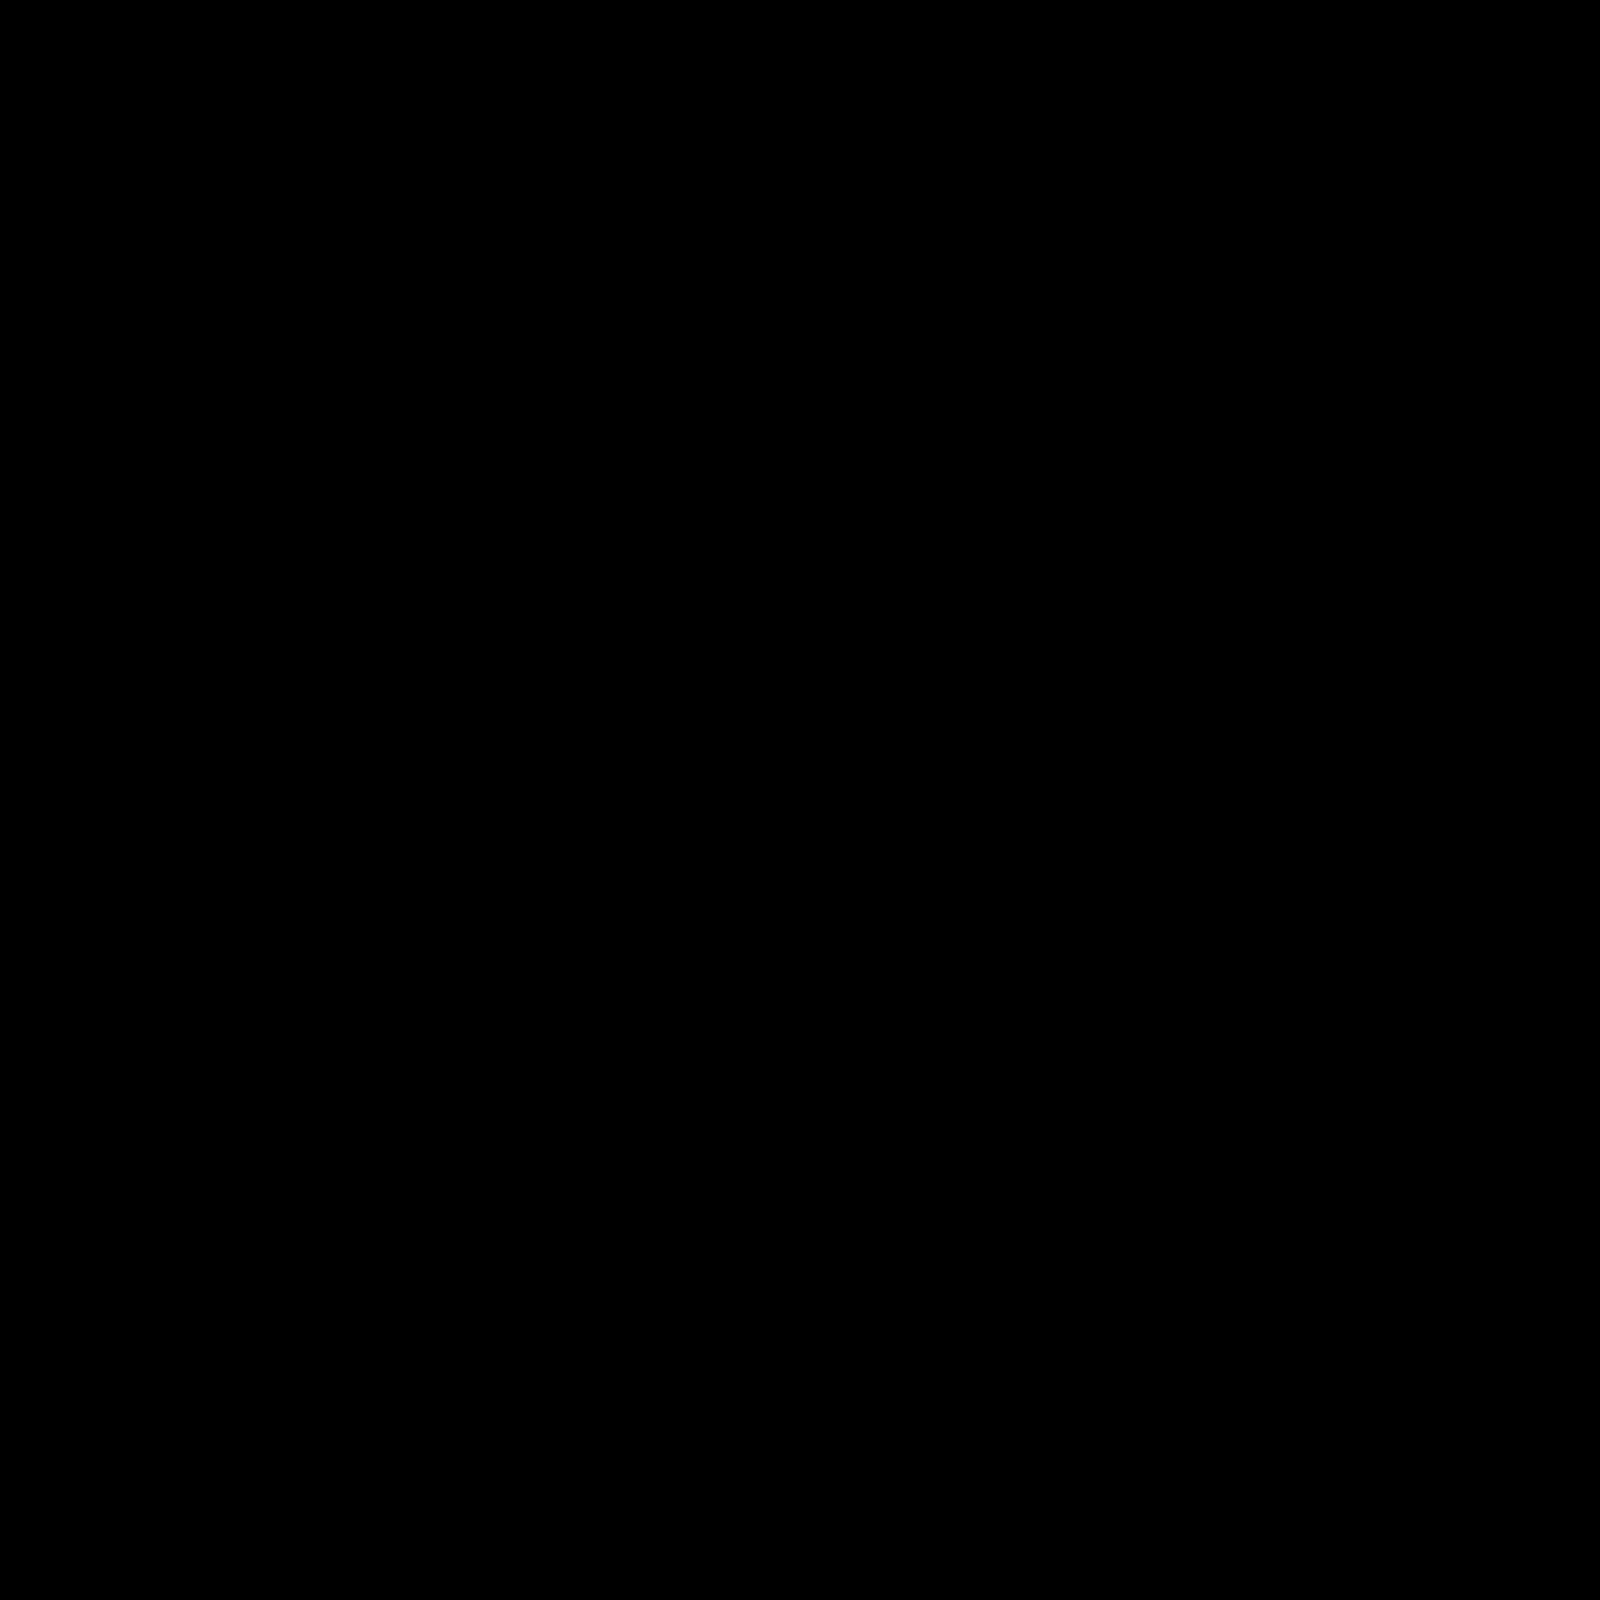 ダイヤモンド icon. This icon is the standard depiction of a diamond. It is the kind you associate with jewelry, a flat top, with geometrically cut sides, and comes together in a sharp, triangular bottom.